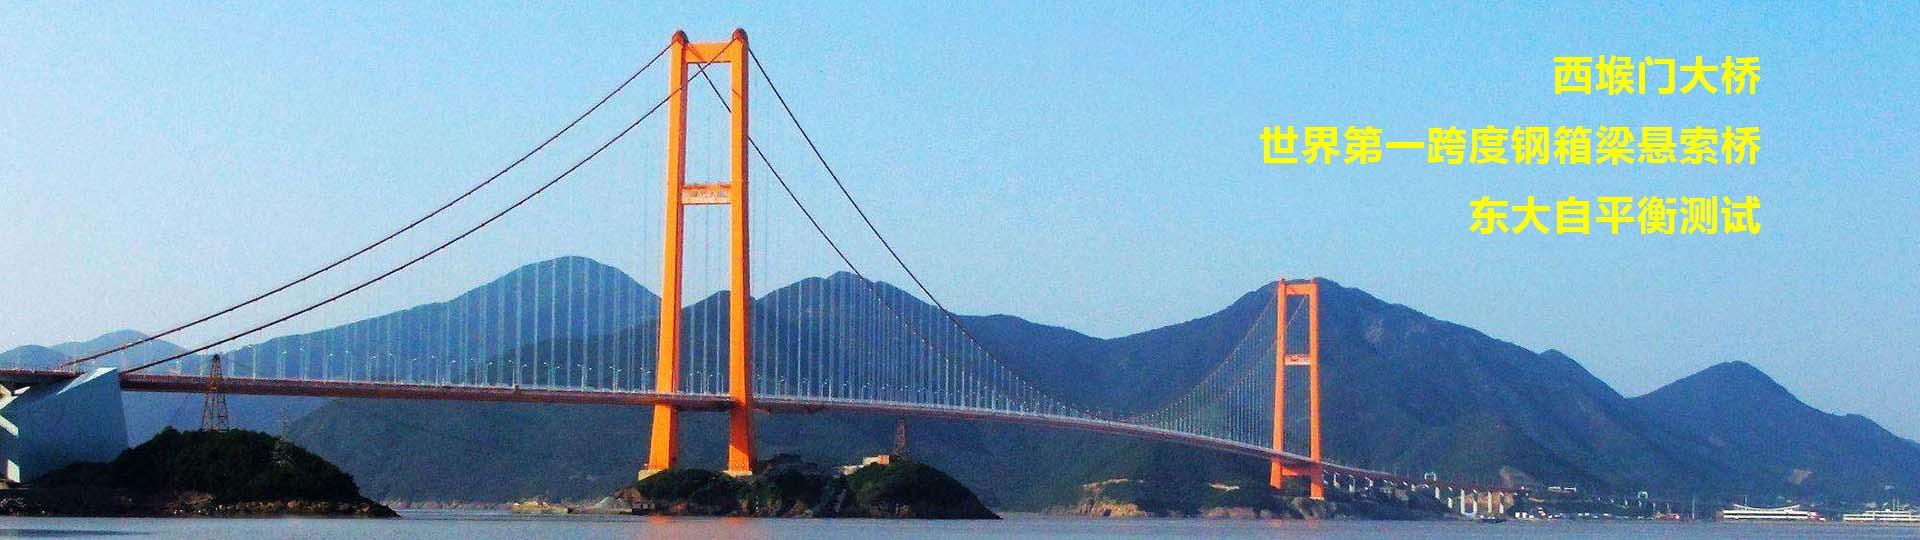 西堠门大桥